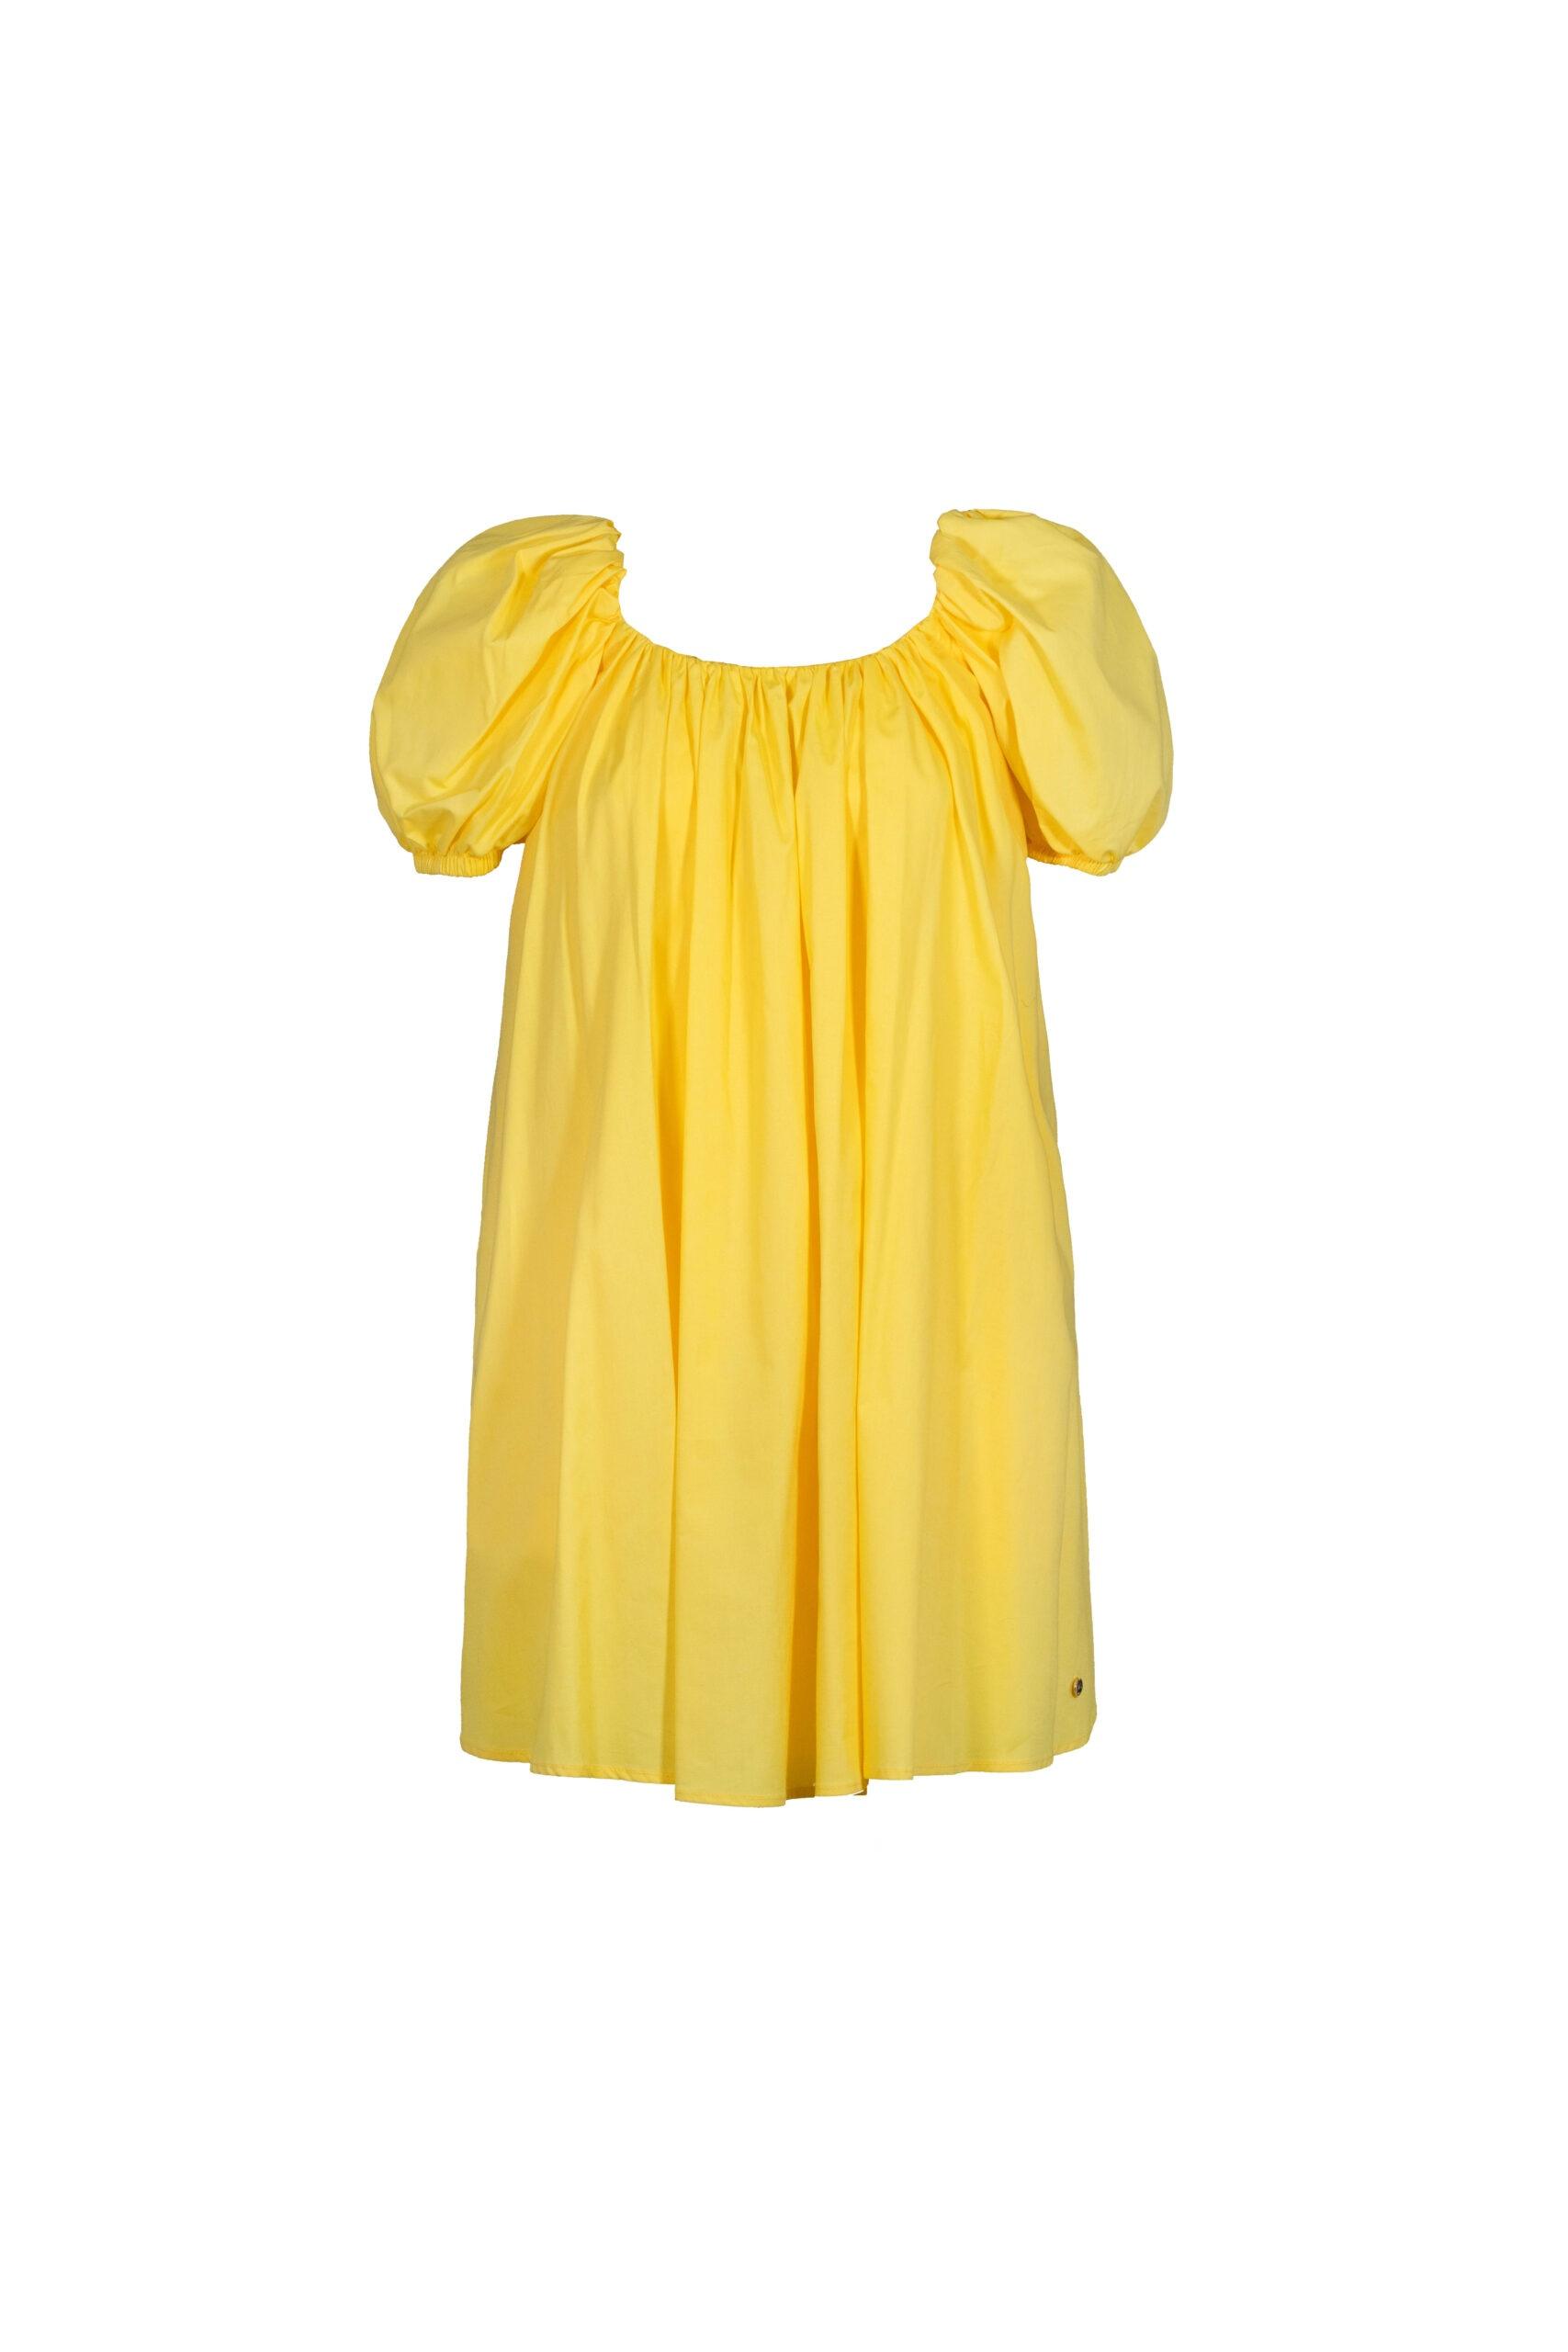 Abito corto donna giallo Very Simple   21PEV439GIALLO